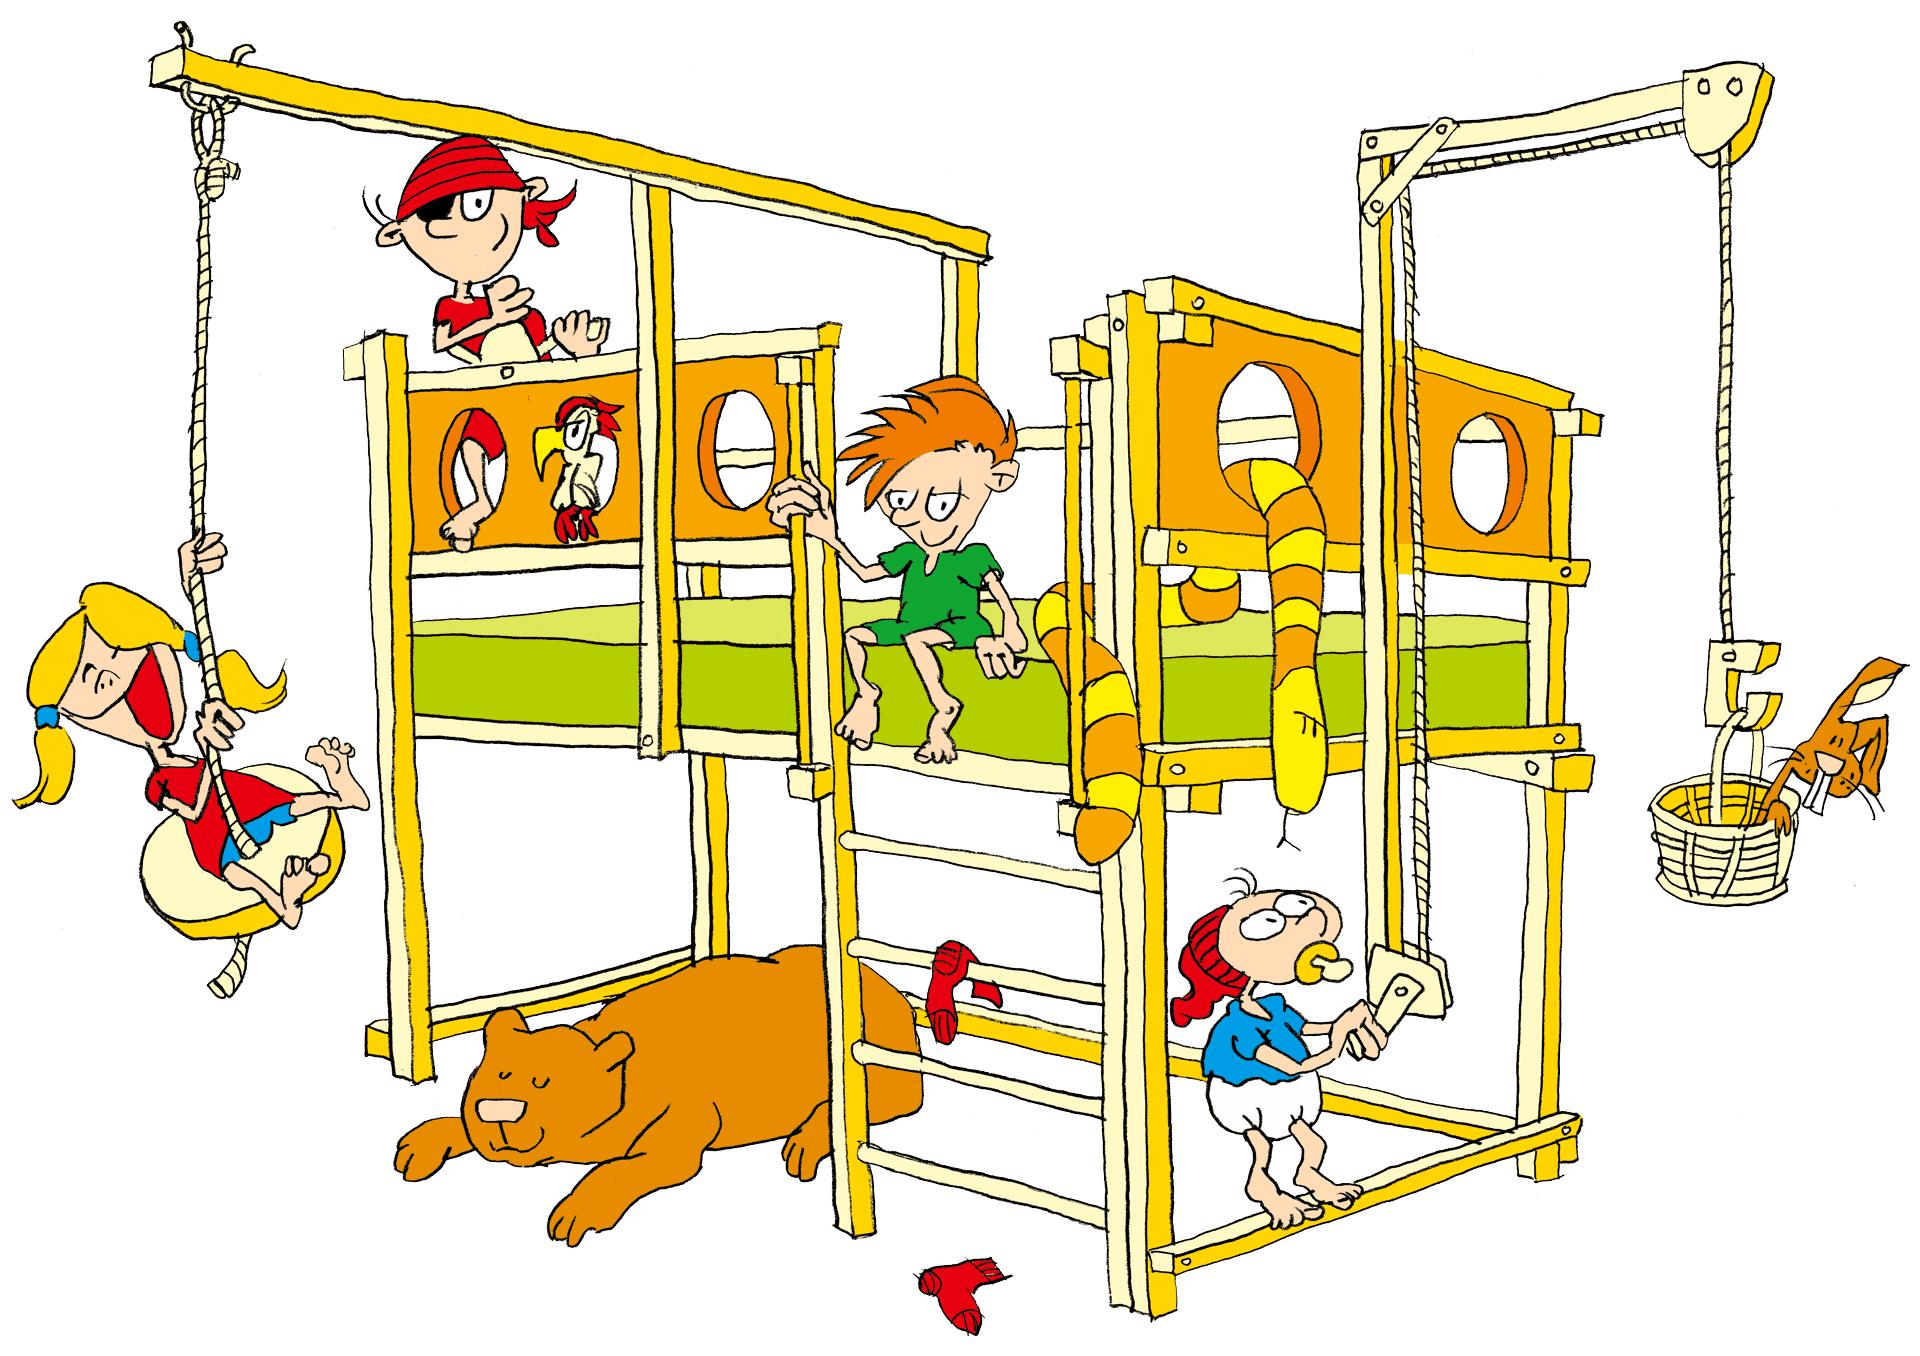 Kinderbett dachschrage m bel ideen innenarchitektur - Kinderbett unter dachschrage ...